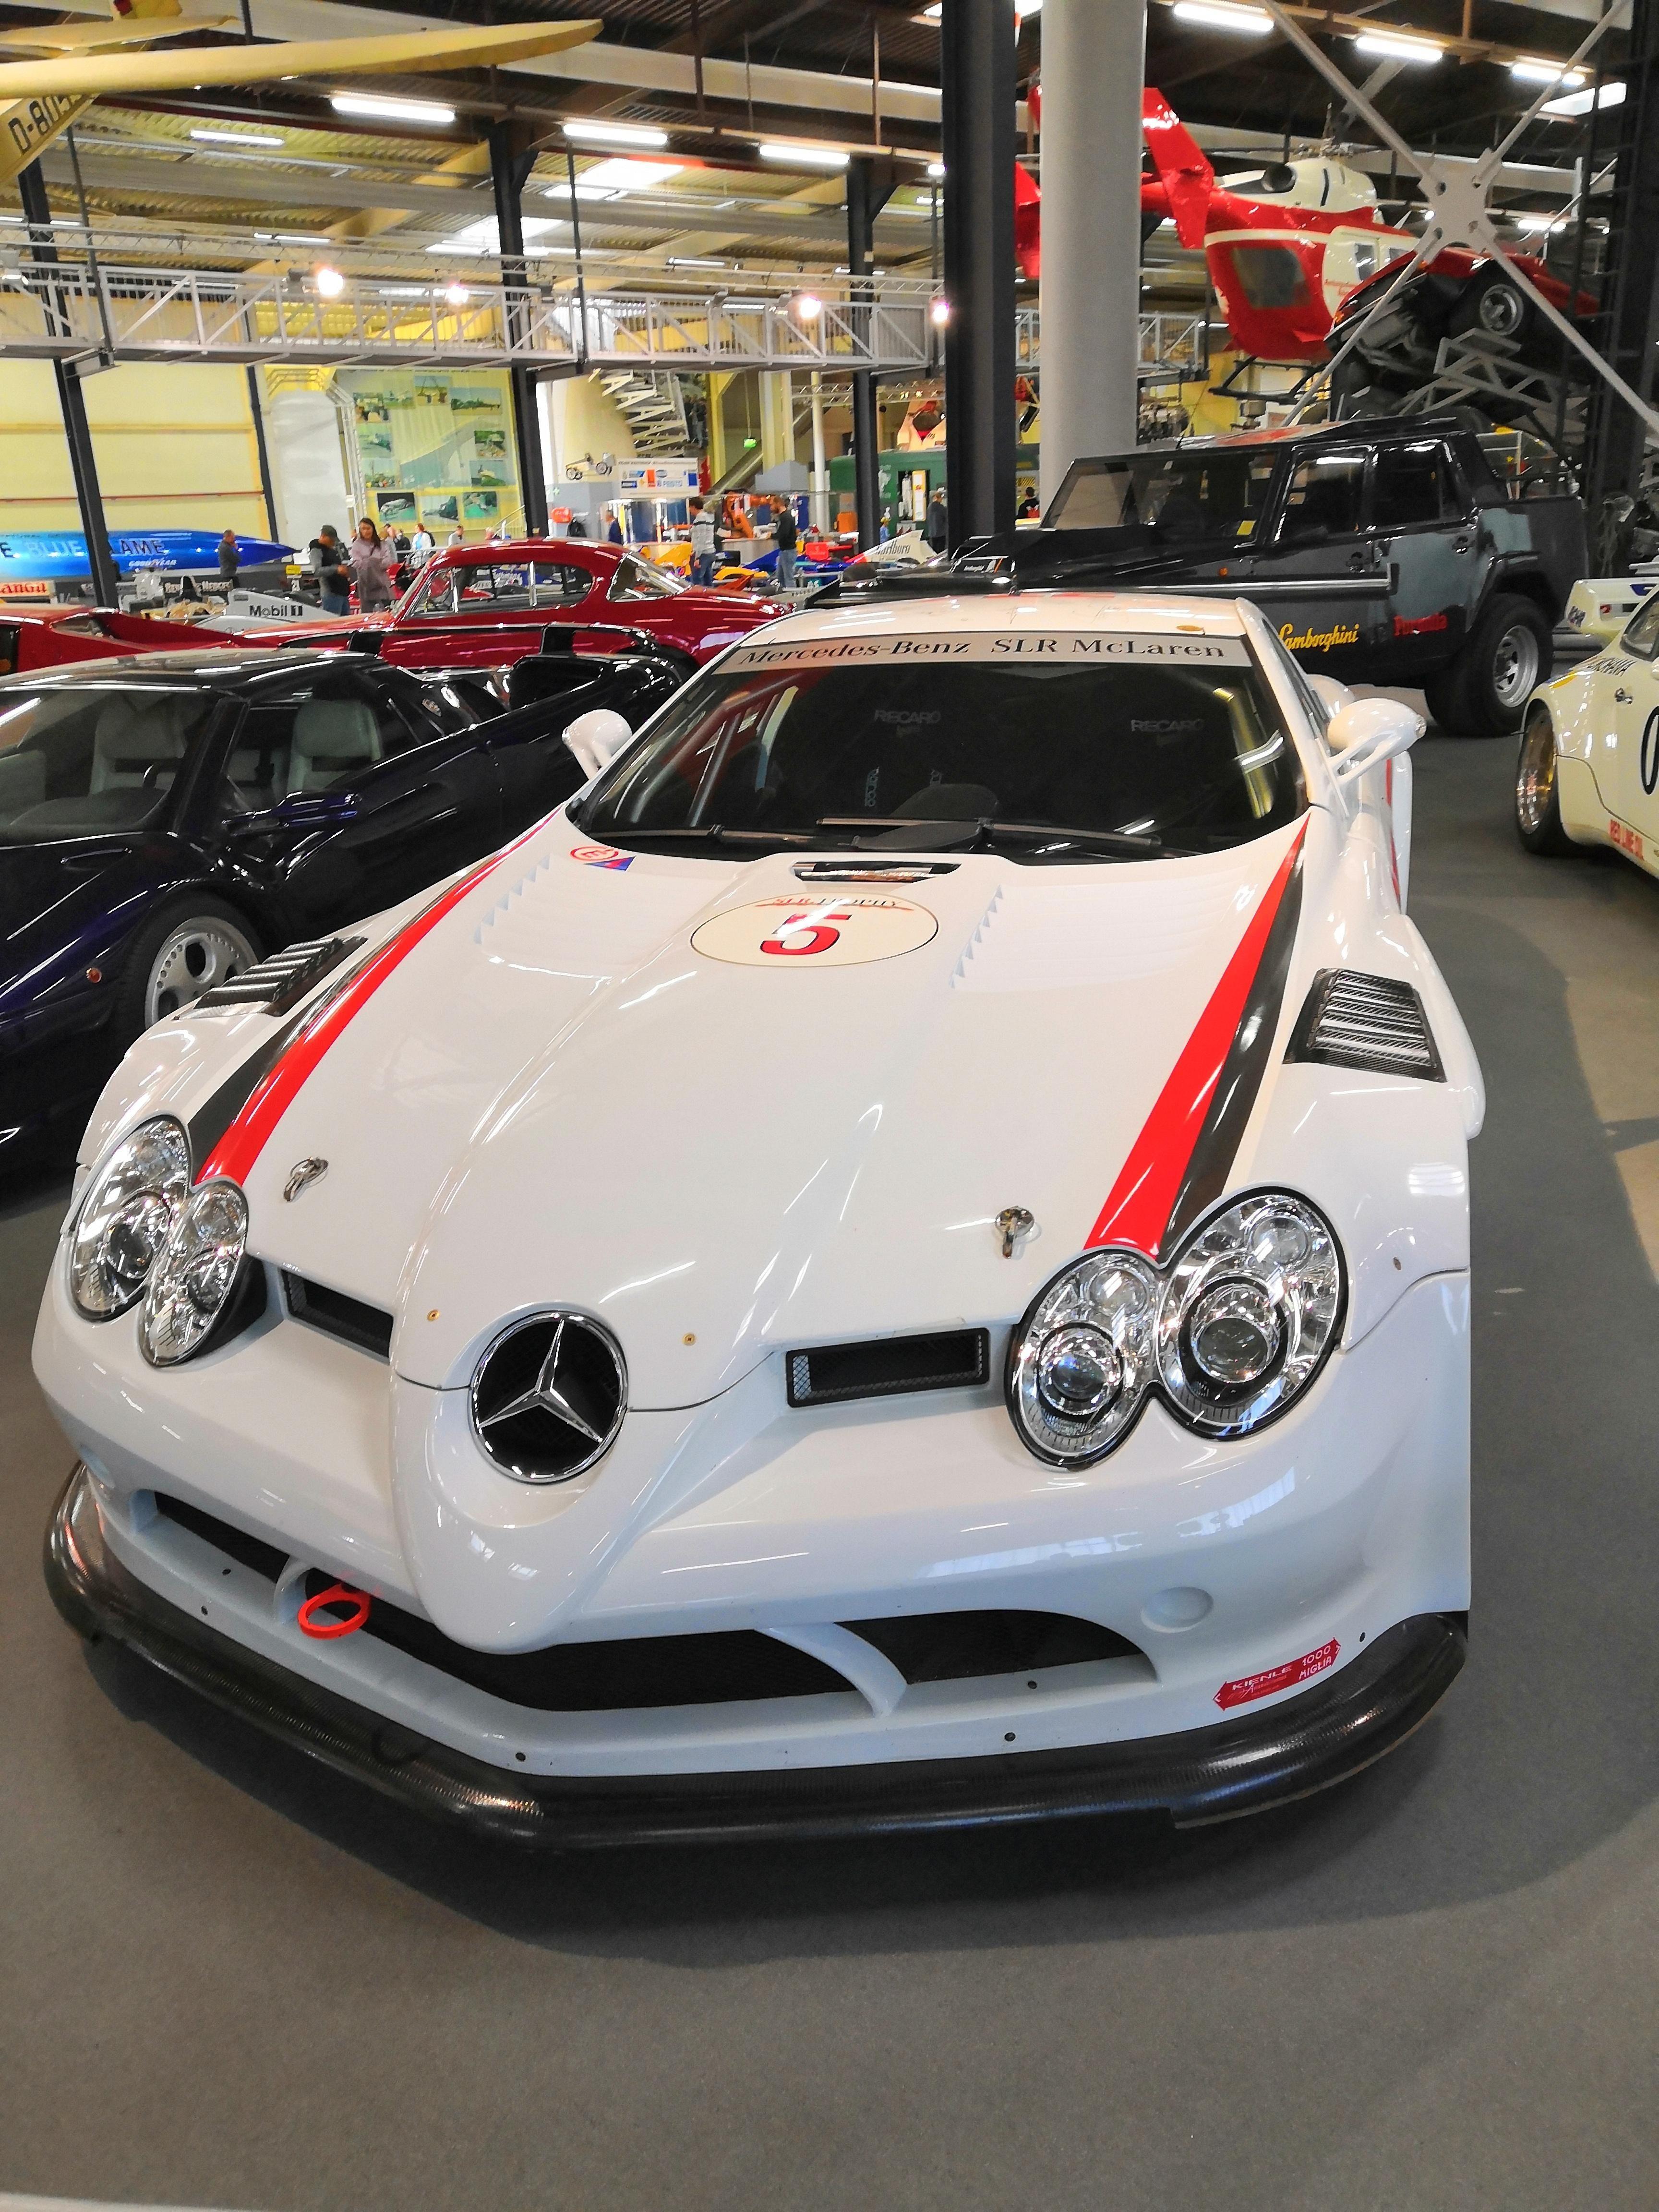 Mercedes Benz Slr Mclaren Real Car Pics Mercedes Benz Slr With